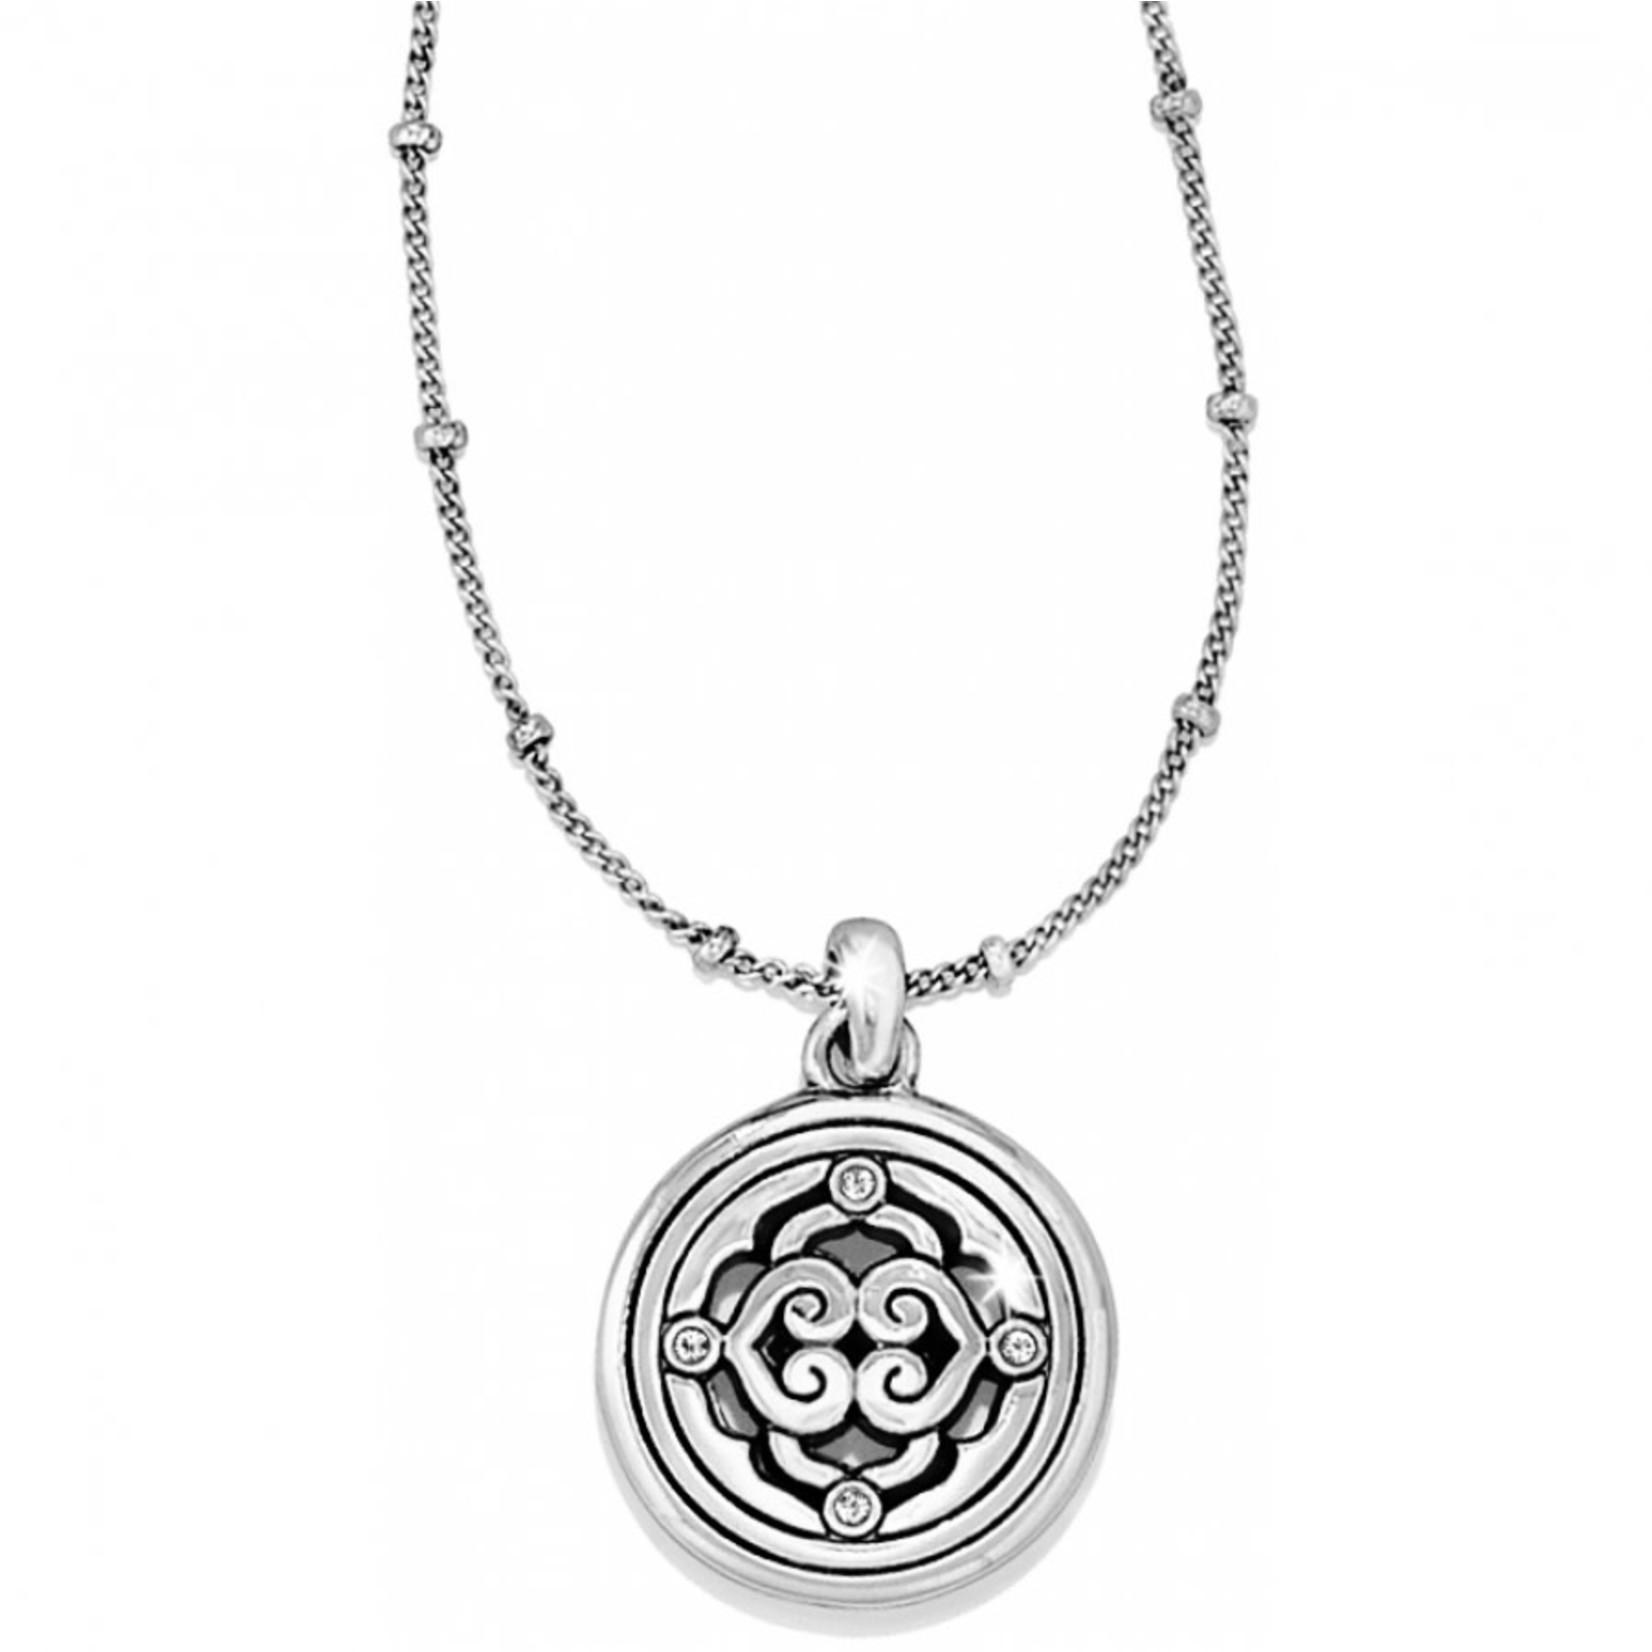 Brighton Intrigue Small Necklace